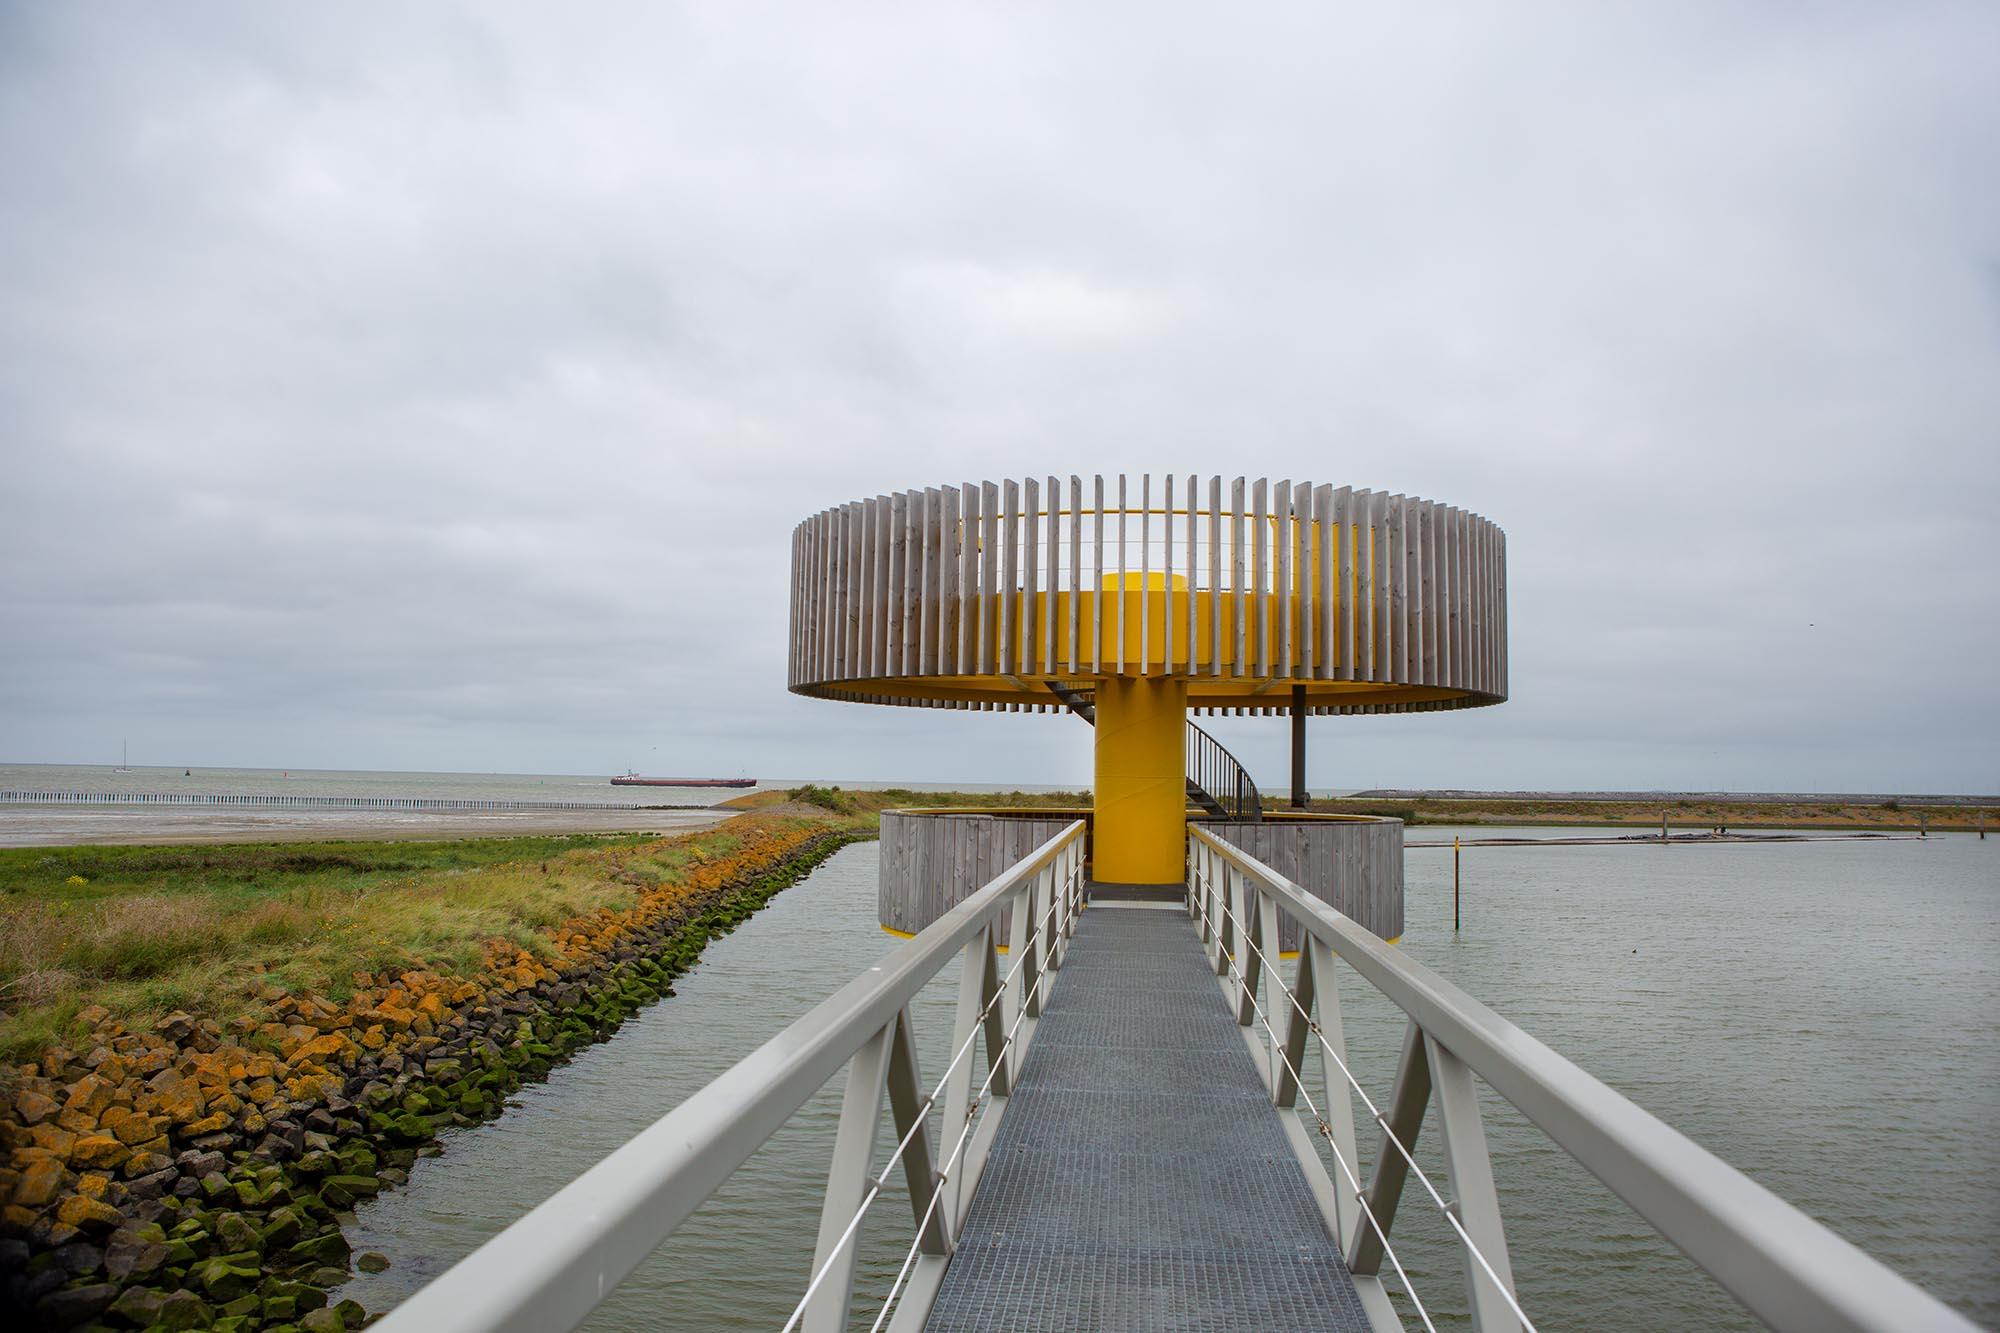 wandelen op het Noord-Hollandpad bij Den Oever, het Waddenbelevingspunt